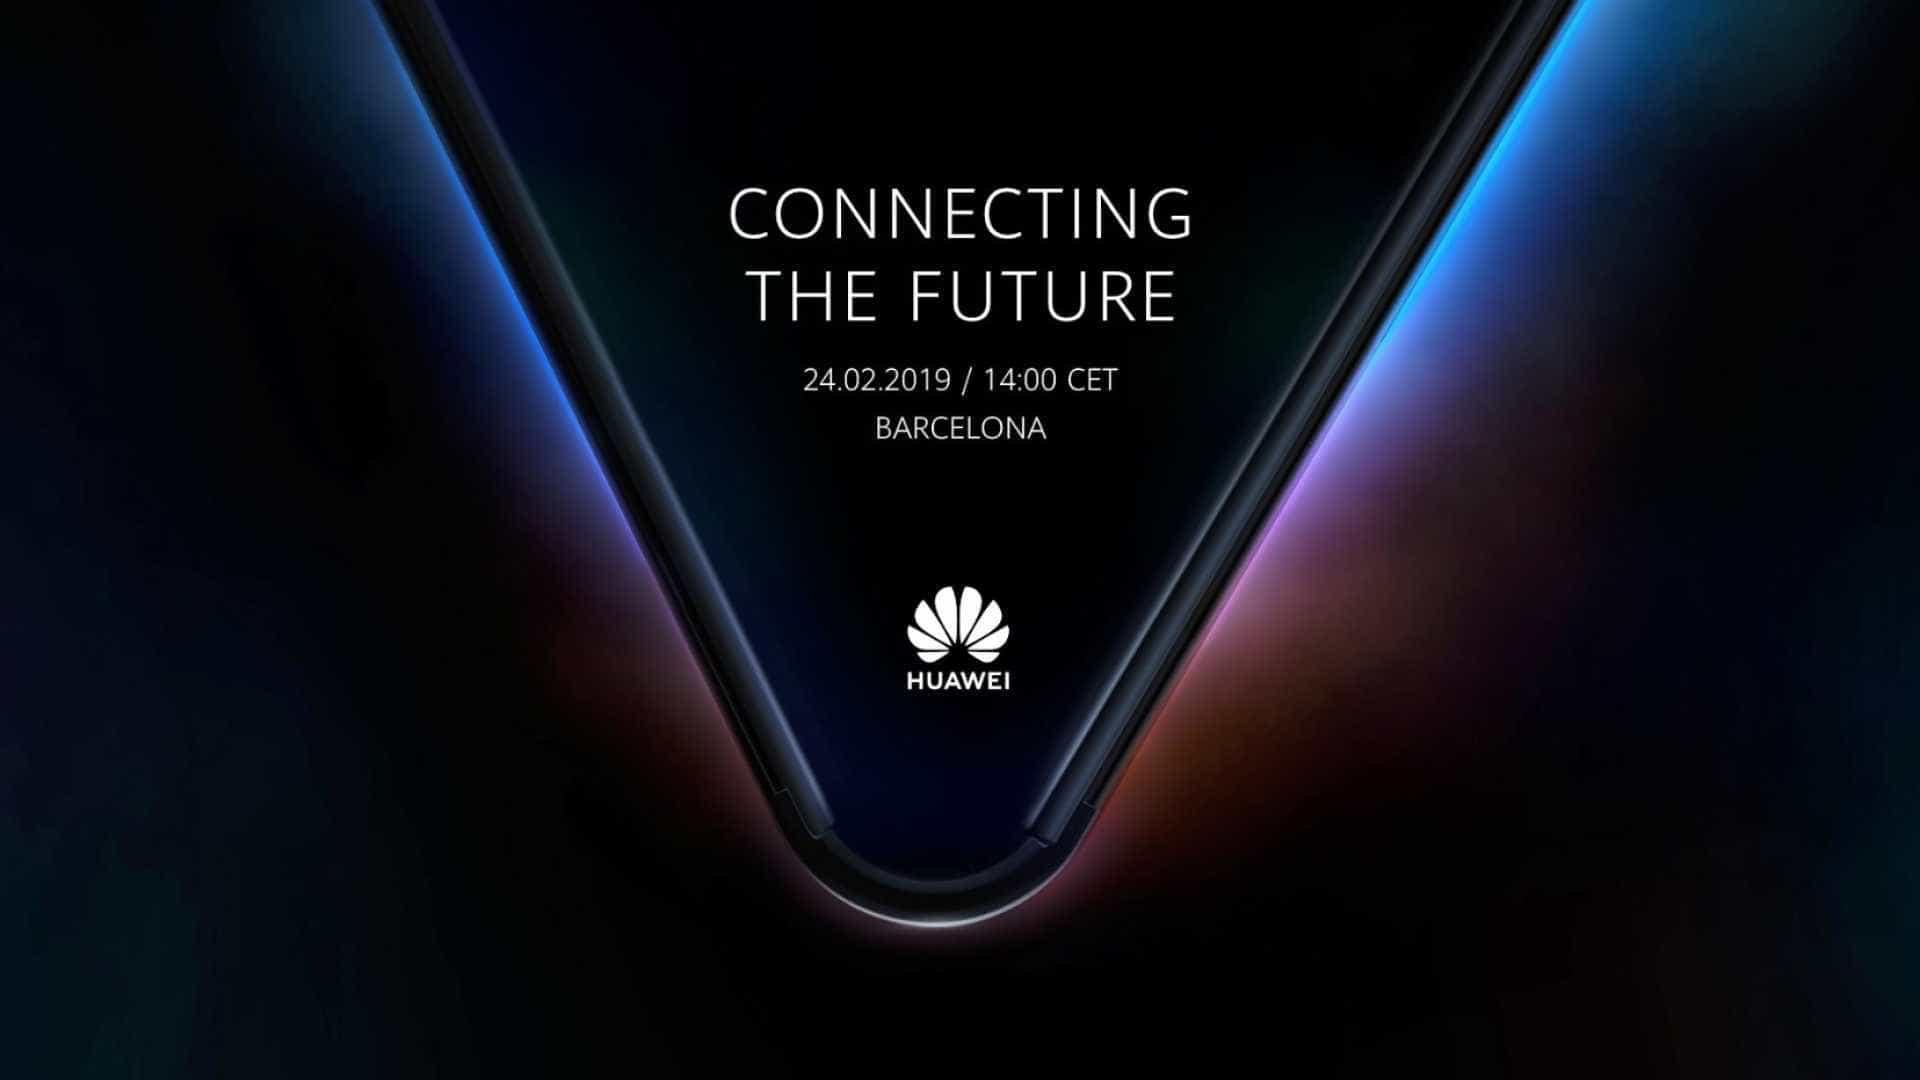 Huawei desvenda seu smartphone dobrável este mês